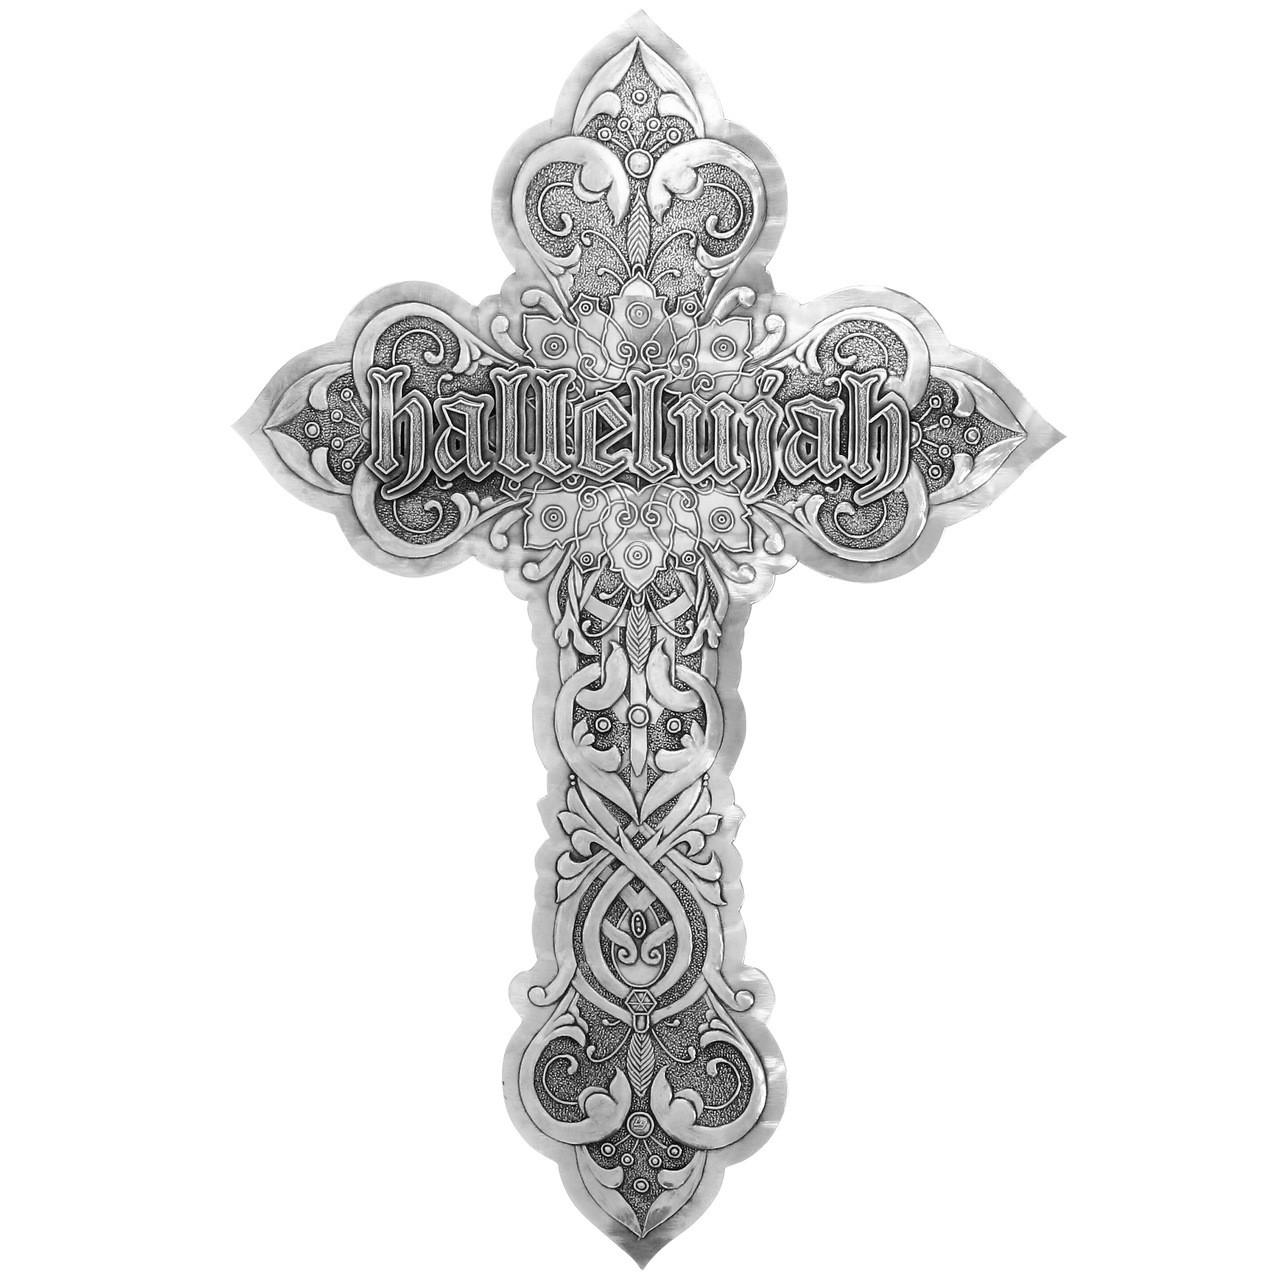 Hallelujah Wall Cross Aluminum